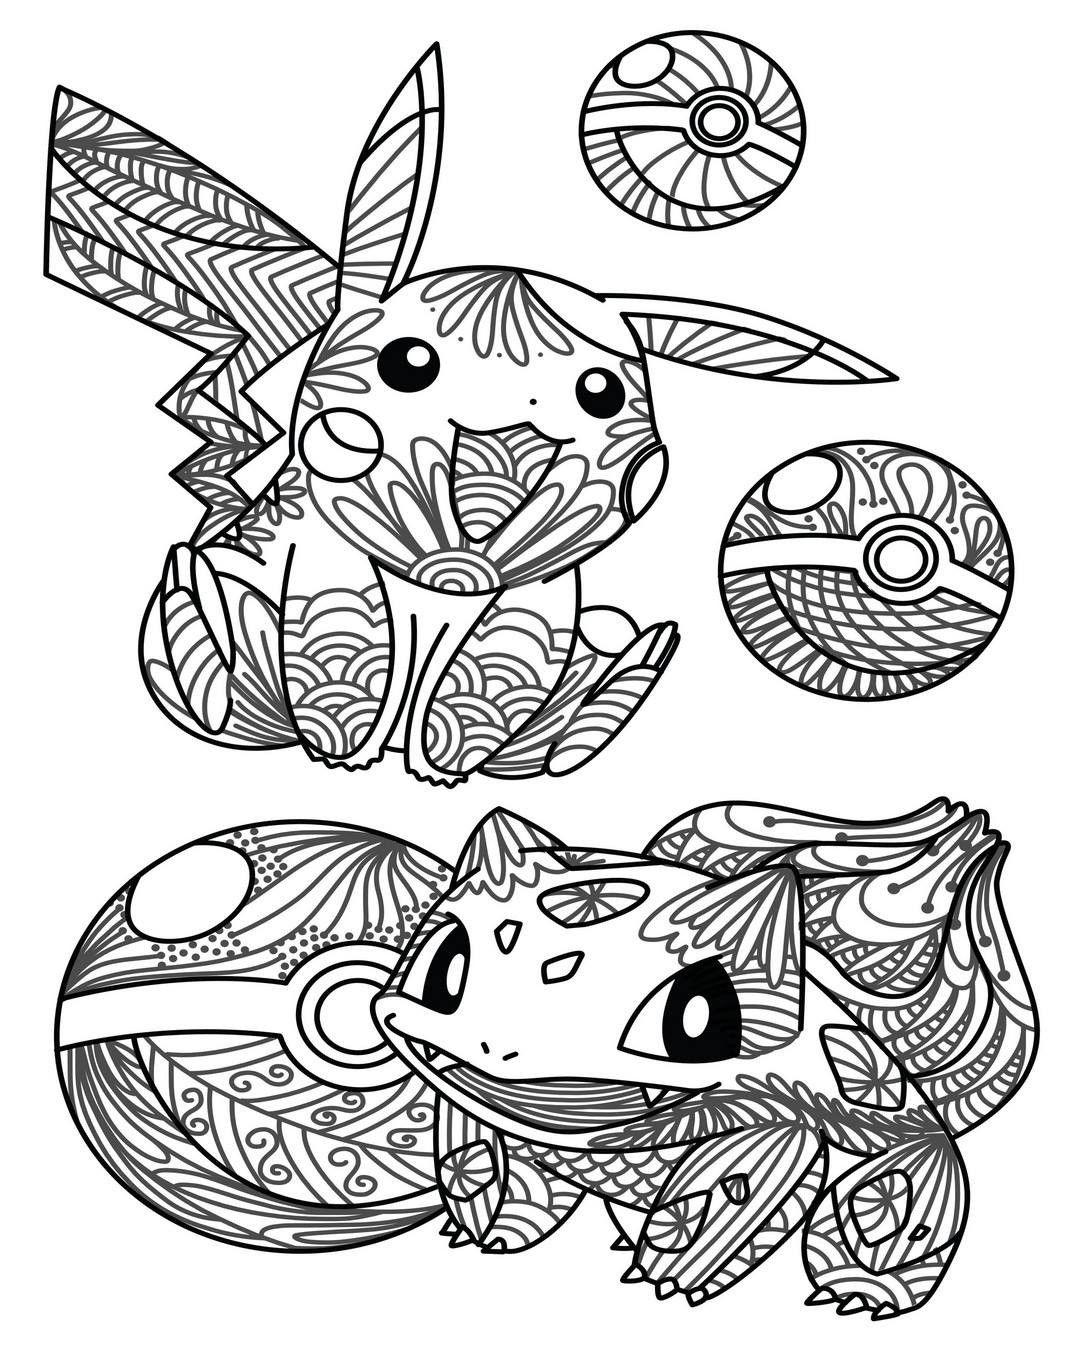 Mais de 29 desenhos para imprimir e pintar! Link do site na bio